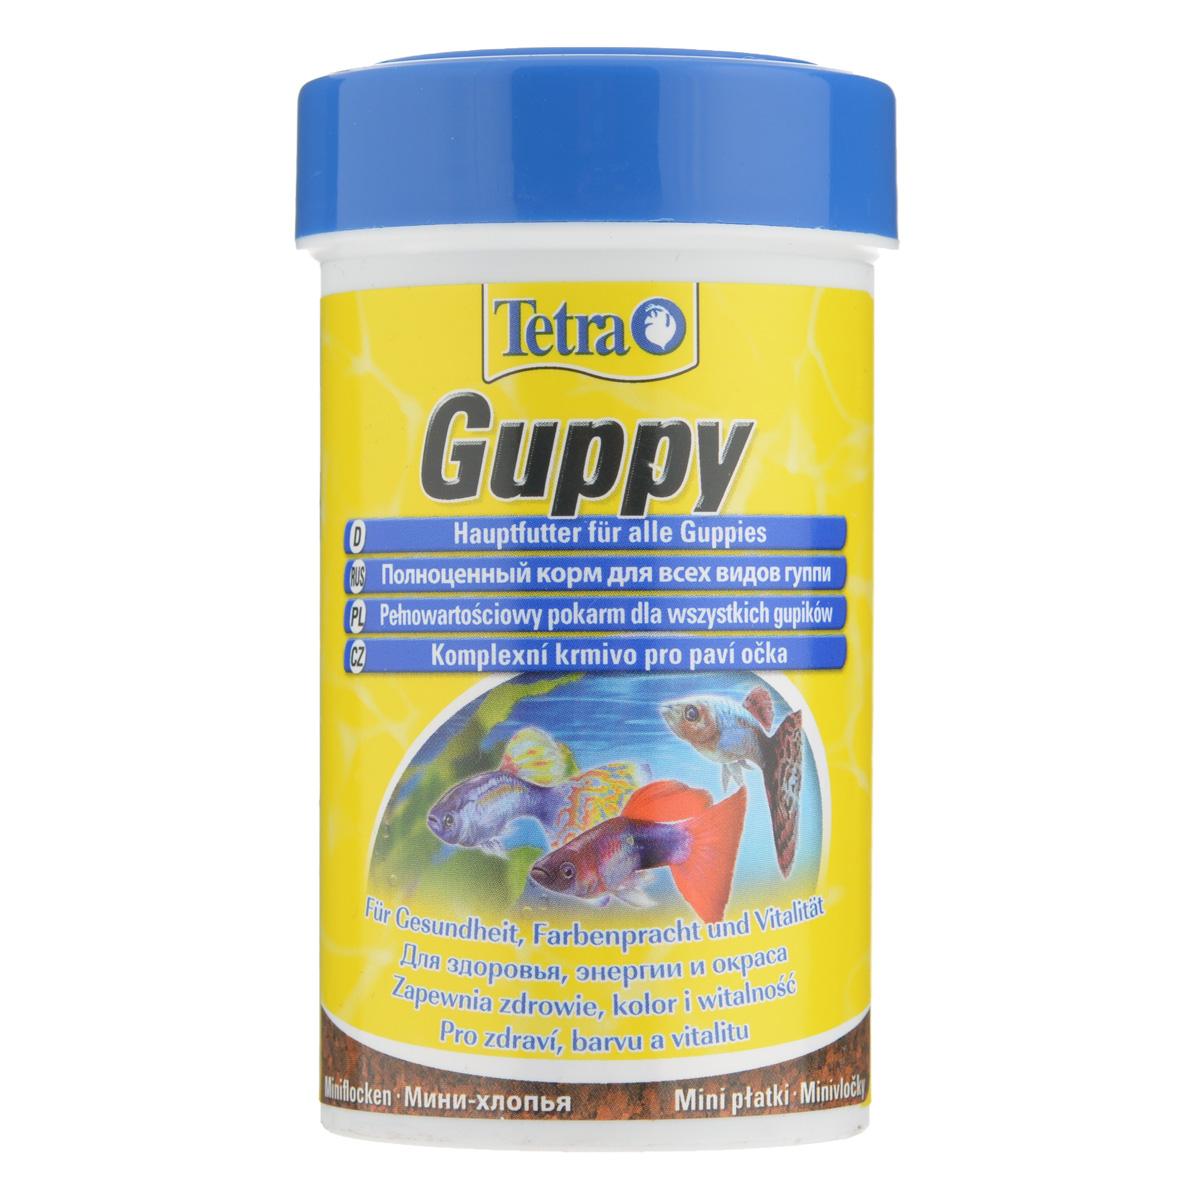 Корм Tetra Guppy для всех видов гуппи, в виде мини-хлопьев, 100 мл0120710Корм Tetra Guppy - это высококачественный сбалансированный питательный корм в виде мини-хлопьев для всех видов гуппи, а также для других живородящих аквариумных рыб. Особенности Tetra Guppy:мини-хлопья изготовлены специально для маленьких ртов гуппи и других живородящих рыб,высокое содержание растительных ингредиентов и минералов для улучшения вкусовых качеств и роста,усилители окраса для ярких цветов. Рекомендации по кормлению: кормить несколько раз в день маленькими порциями. Характеристики: Состав: экстракты растительного белка, зерновые культуры, дрожжи, моллюски и раки, масла и жиры, водоросли, сахар, минеральные вещества.Пищевая ценность: сырой белок - 45%, сырые масла и жиры - 8%, сырая клетчатка - 4,0%, влага - 8%.Добавки: витамины, провитамины и химические вещества с аналогичным воздействием: витамин А 27800 МЕ/кг, витамин Д3 850 МЕ/кг. Красители, антиоксиданты. Вес: 100 мл (30 г).Товар сертифицирован.